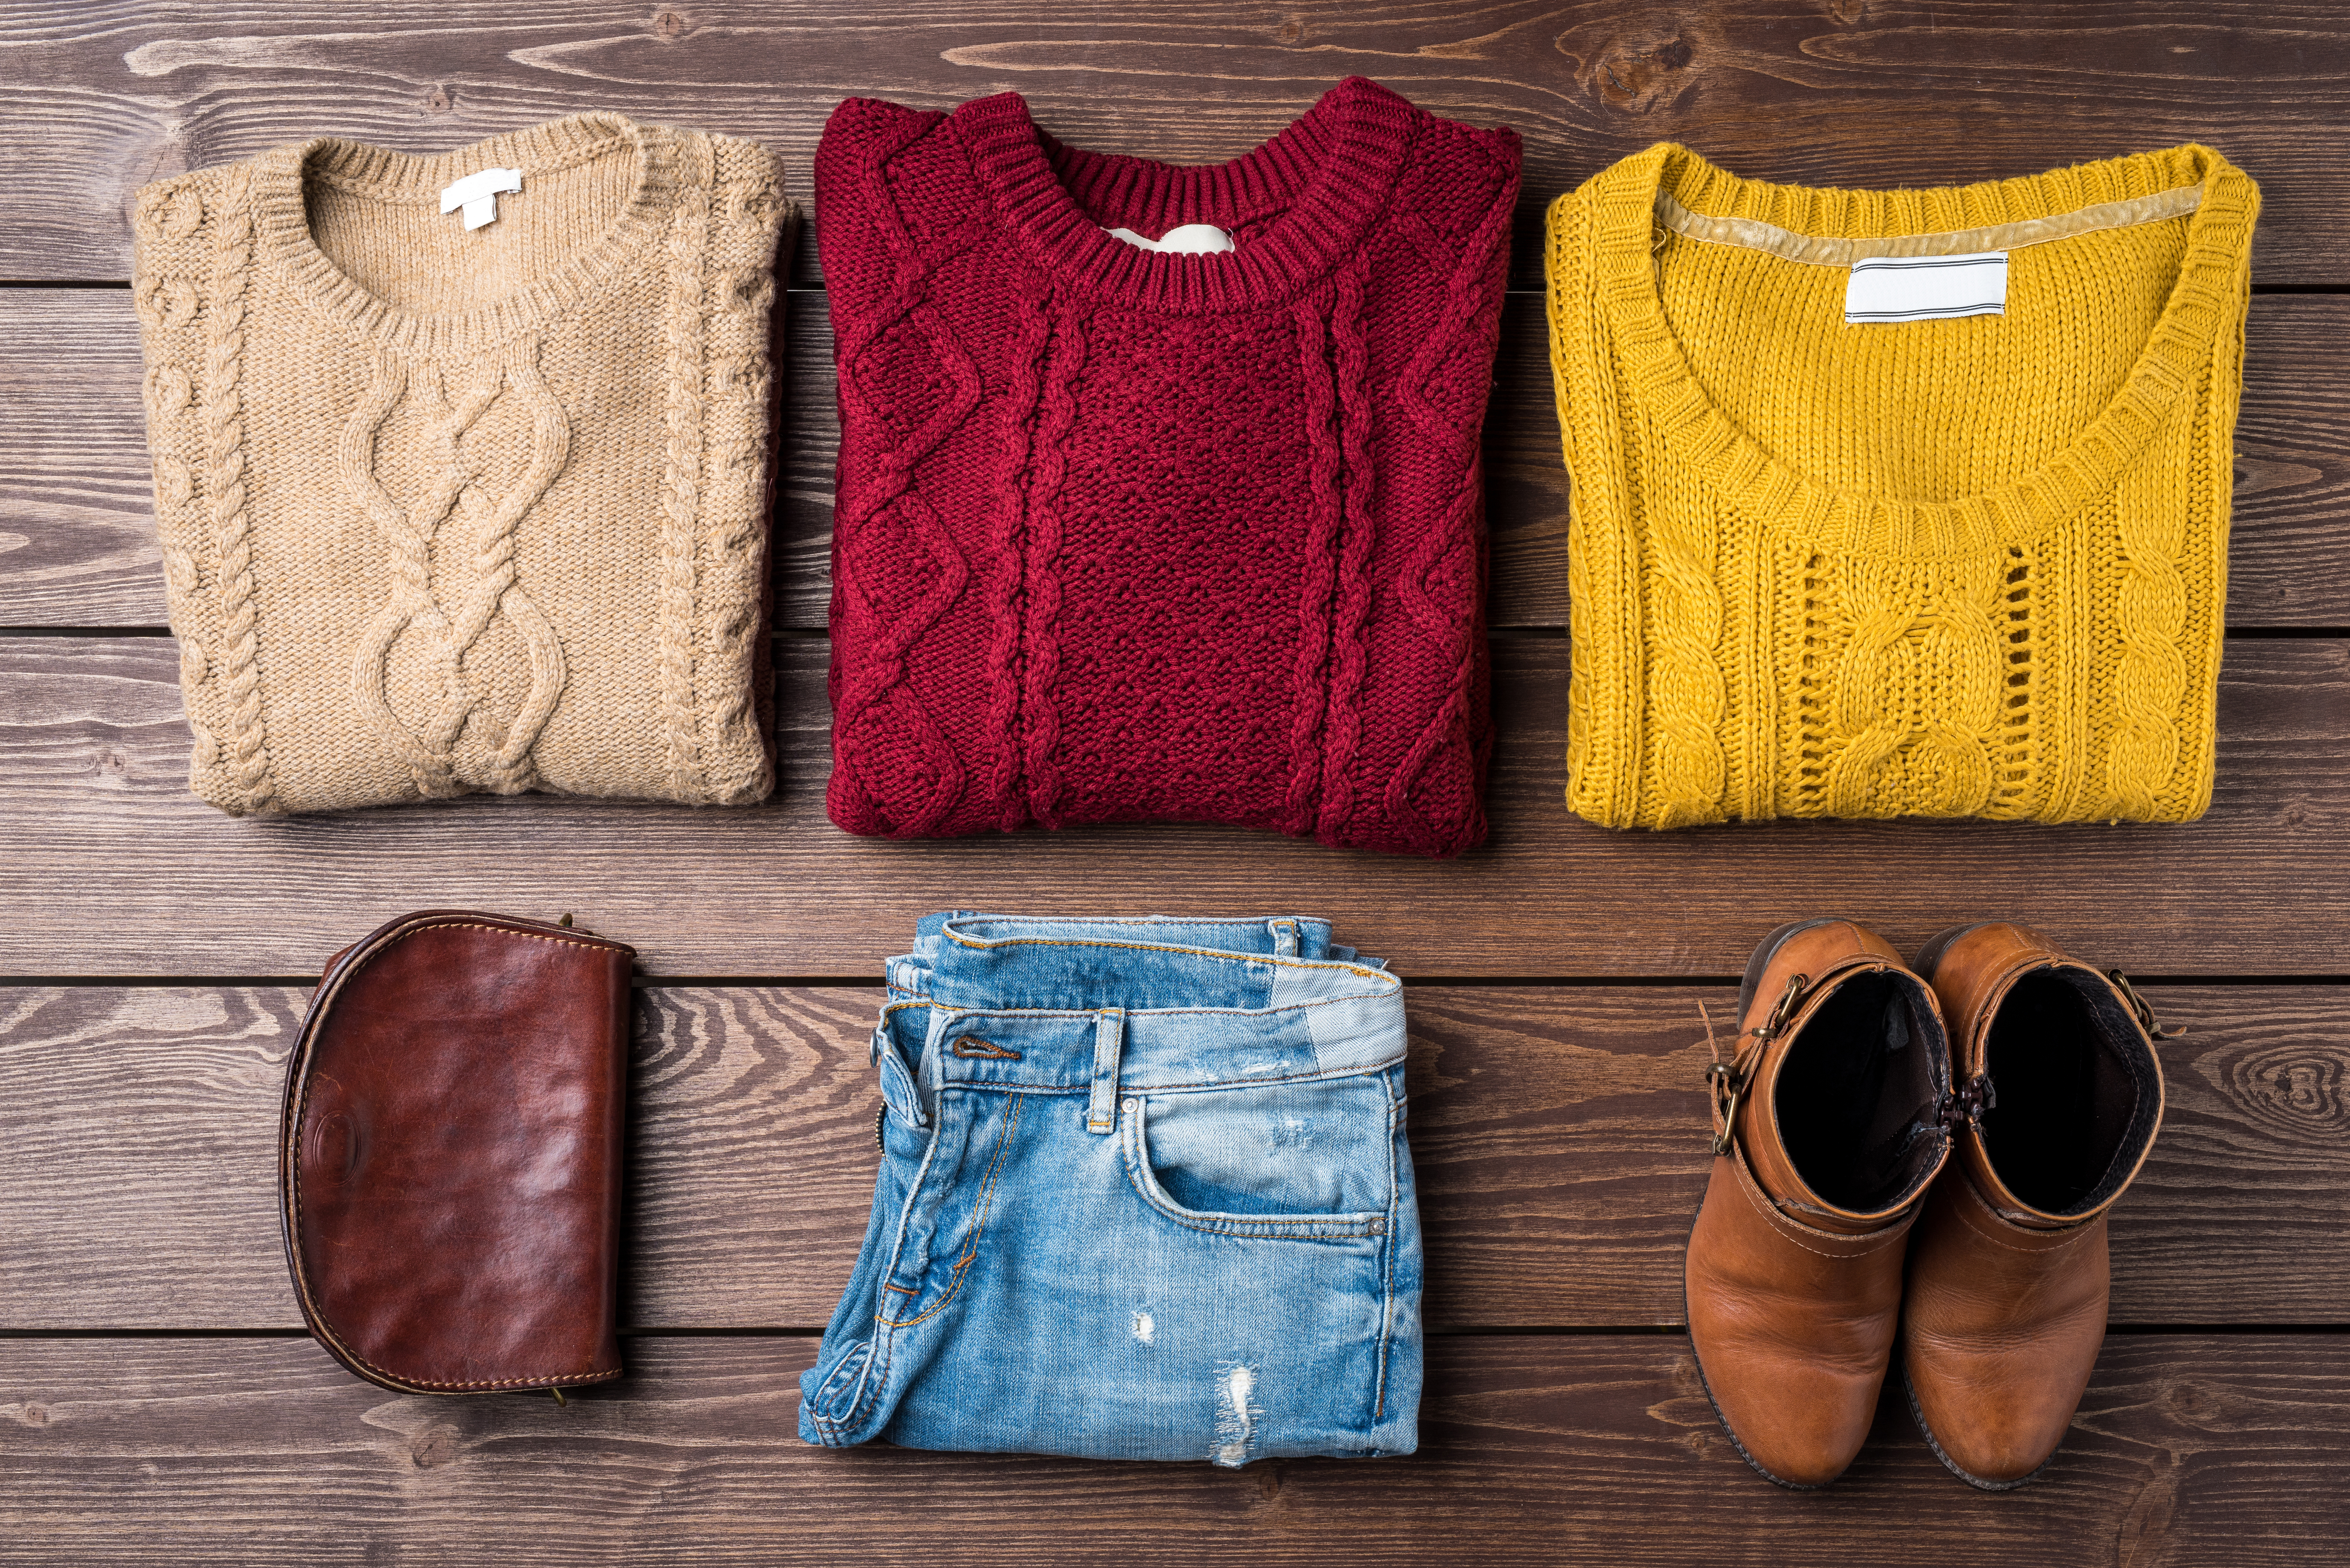 abbigliamento autunnale mercatopoli